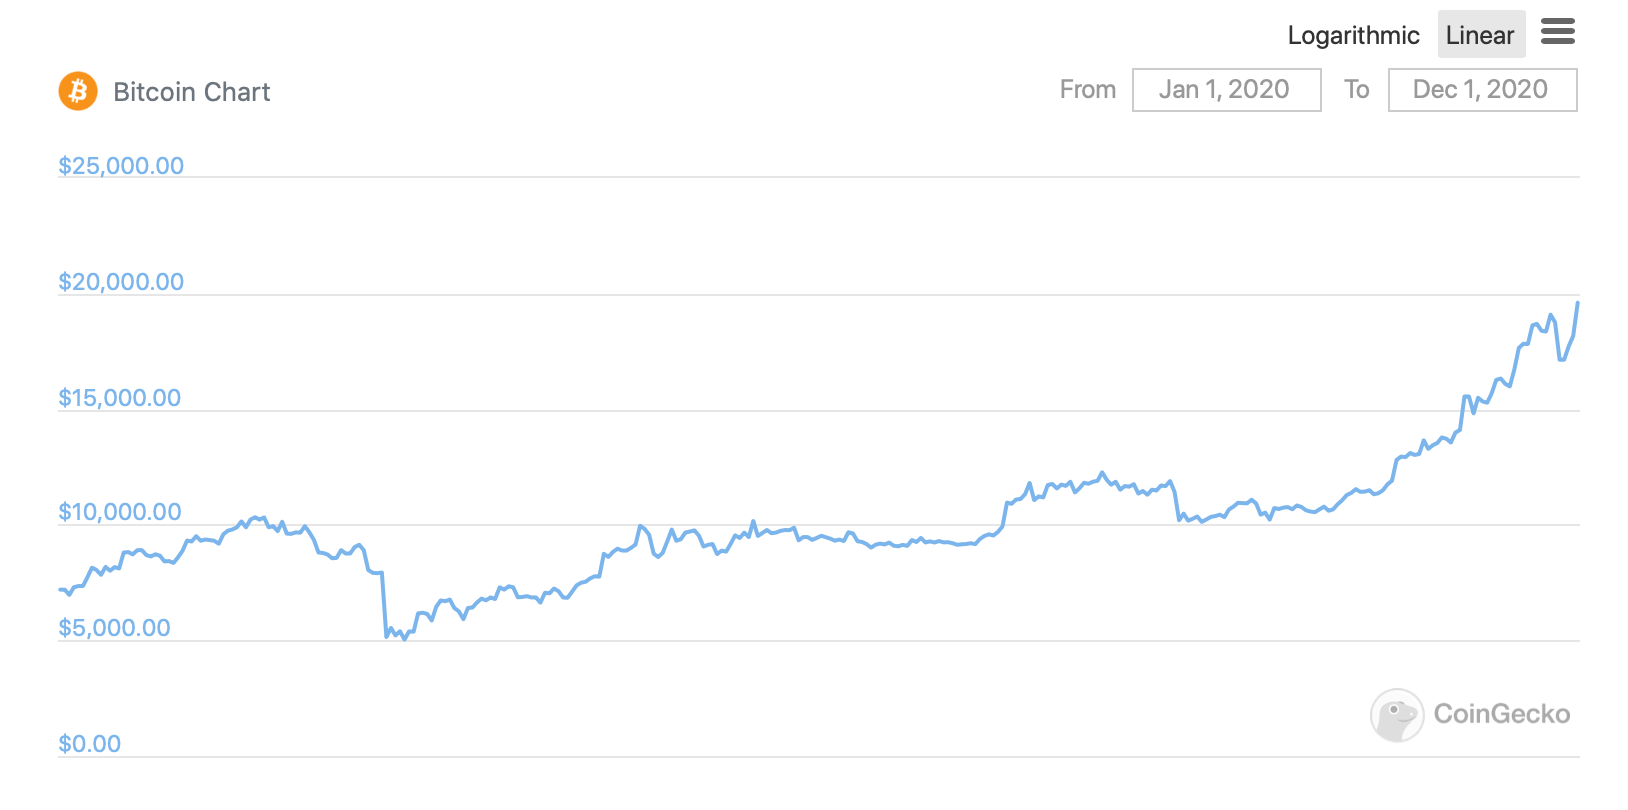 График курса Биткоина в 2020 году